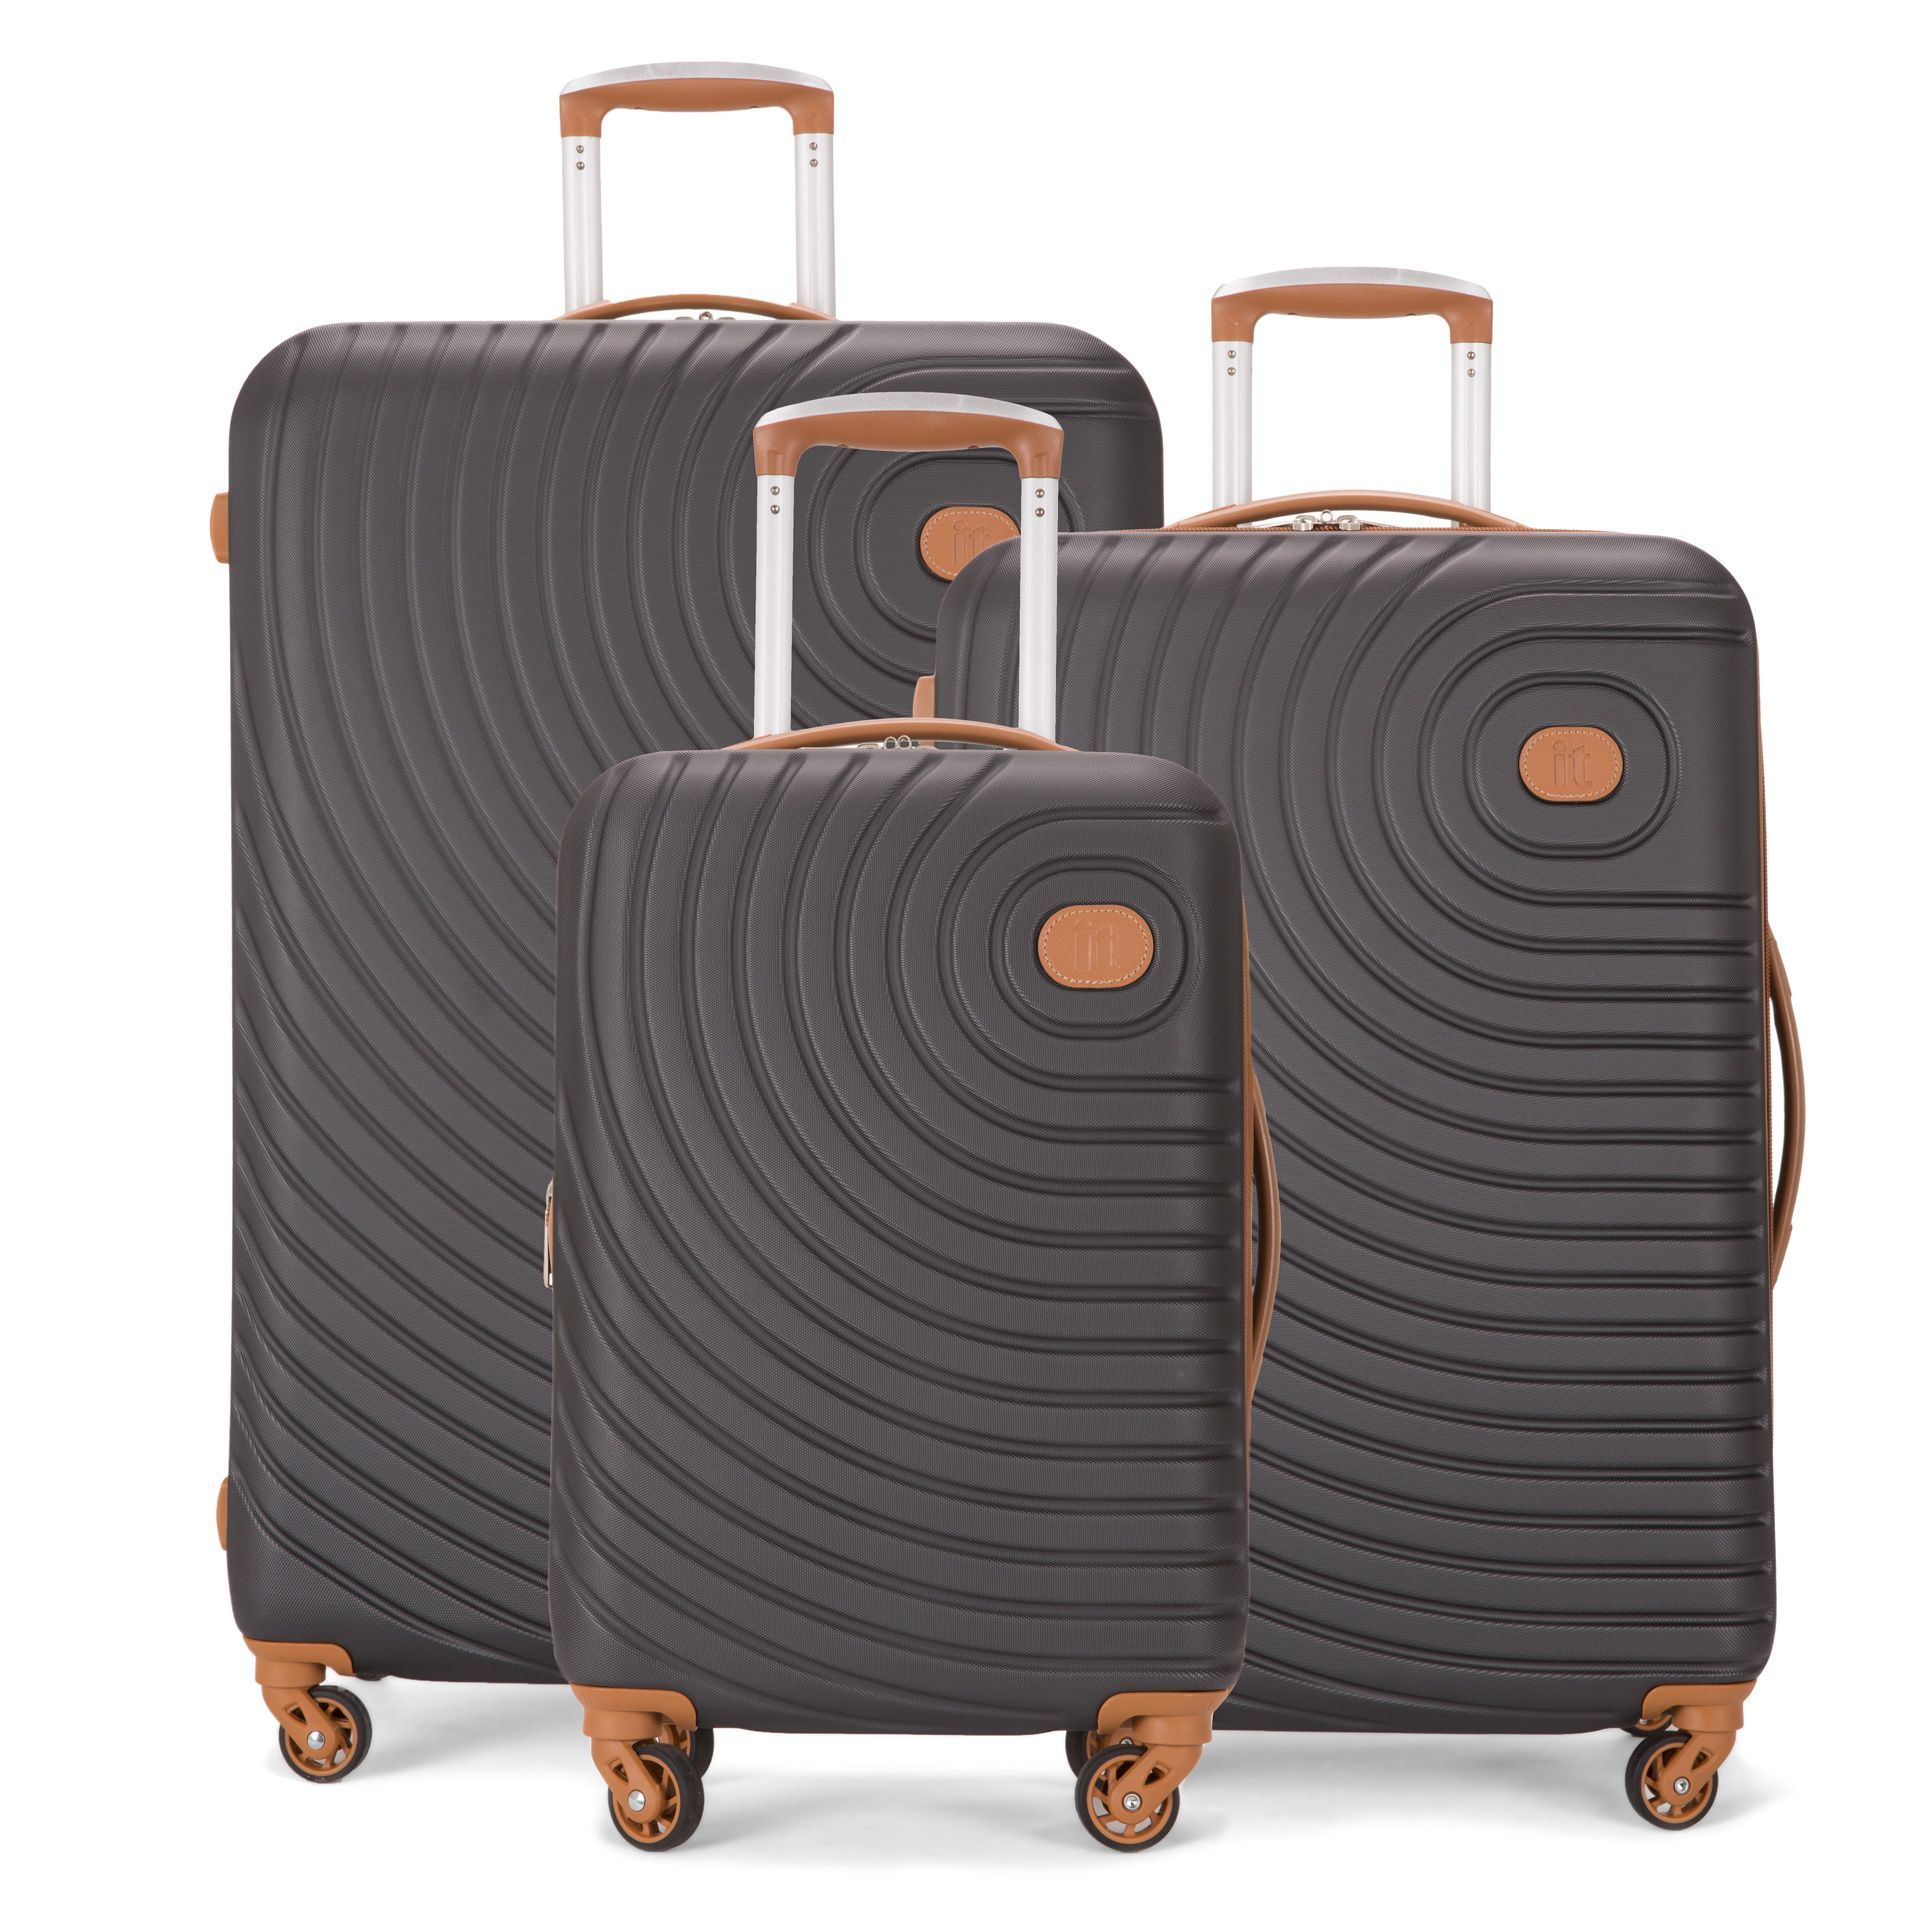 e87a2abb2 It Luggage Valiant 22 Inch Hardside Lightweight Luggage | Products in 2019  | Lightweight luggage, Hardside luggage, Luggage bags